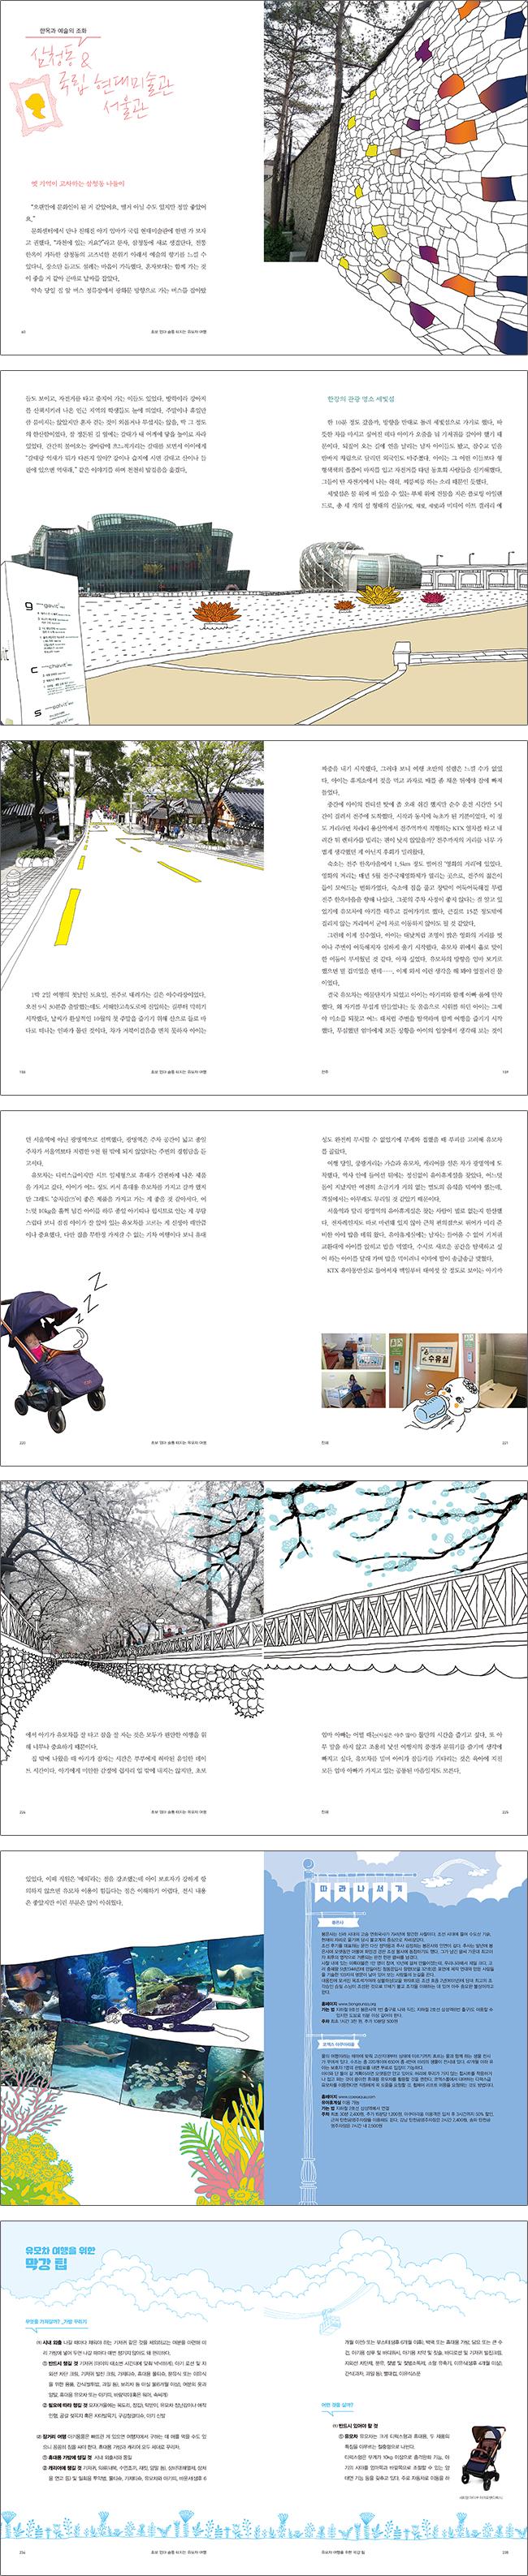 유모차여행 미리보기.jpg